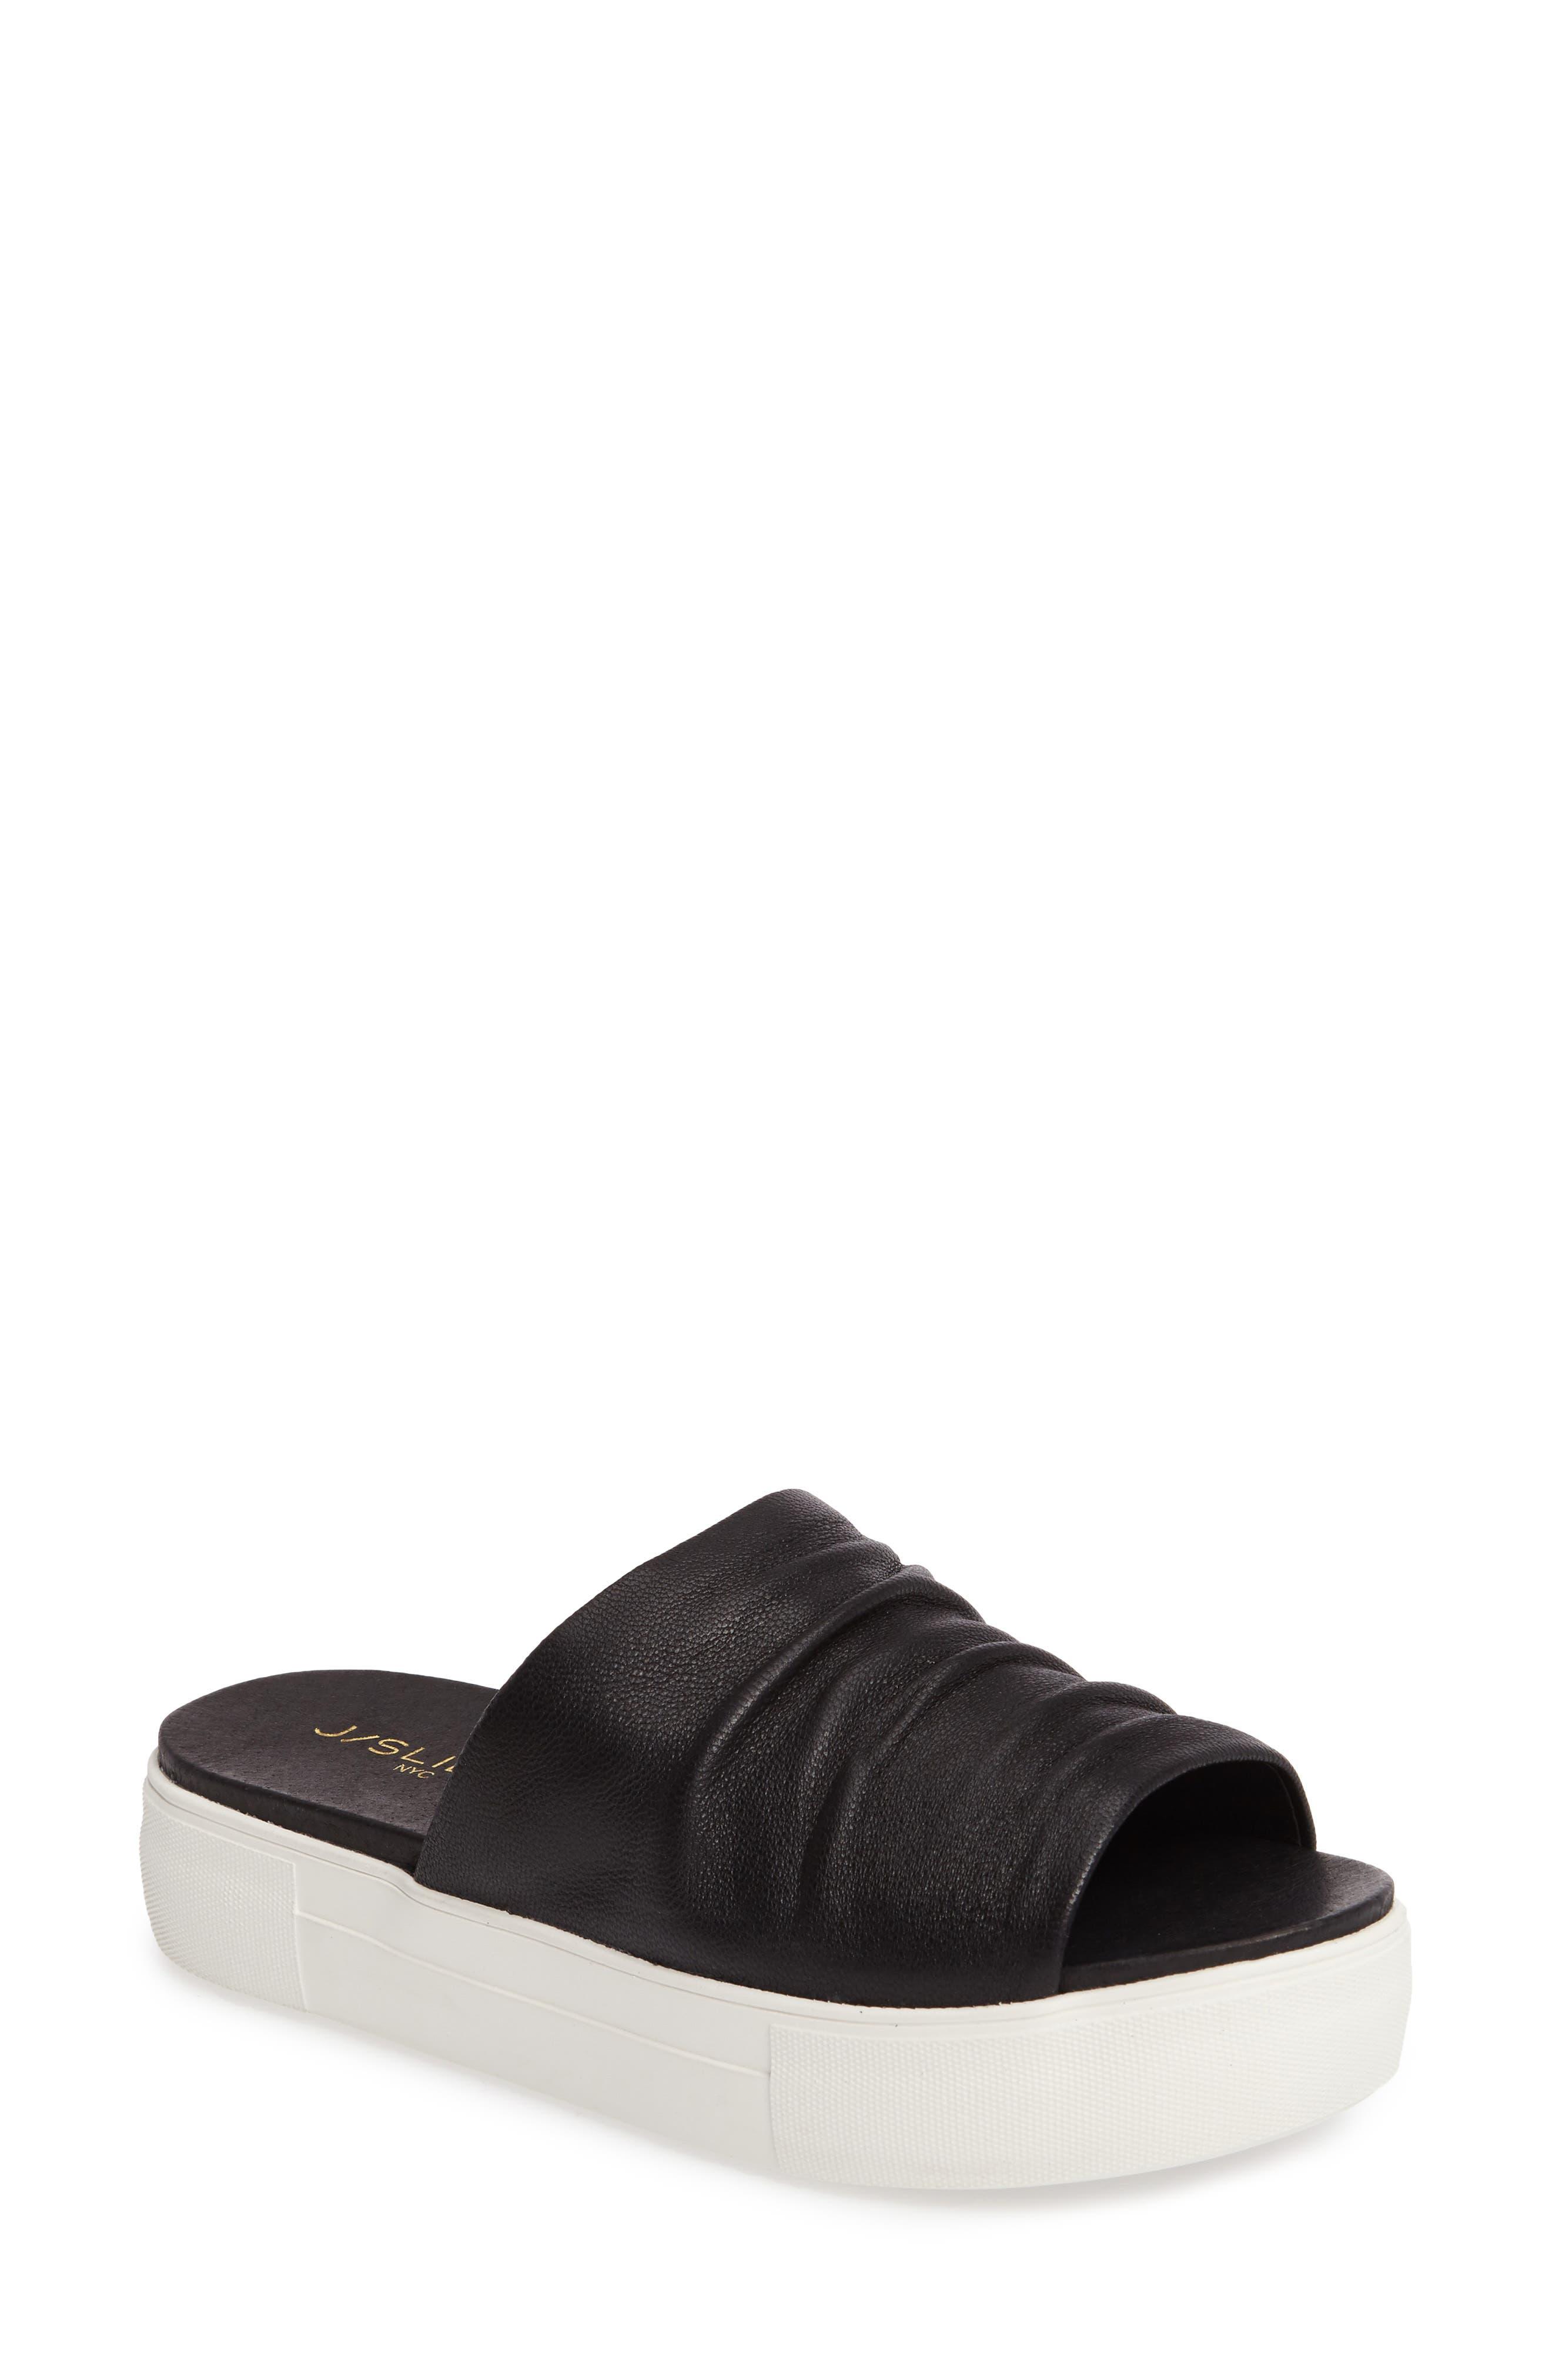 Alura Platform Slide Sandal,                         Main,                         color, Black Leather